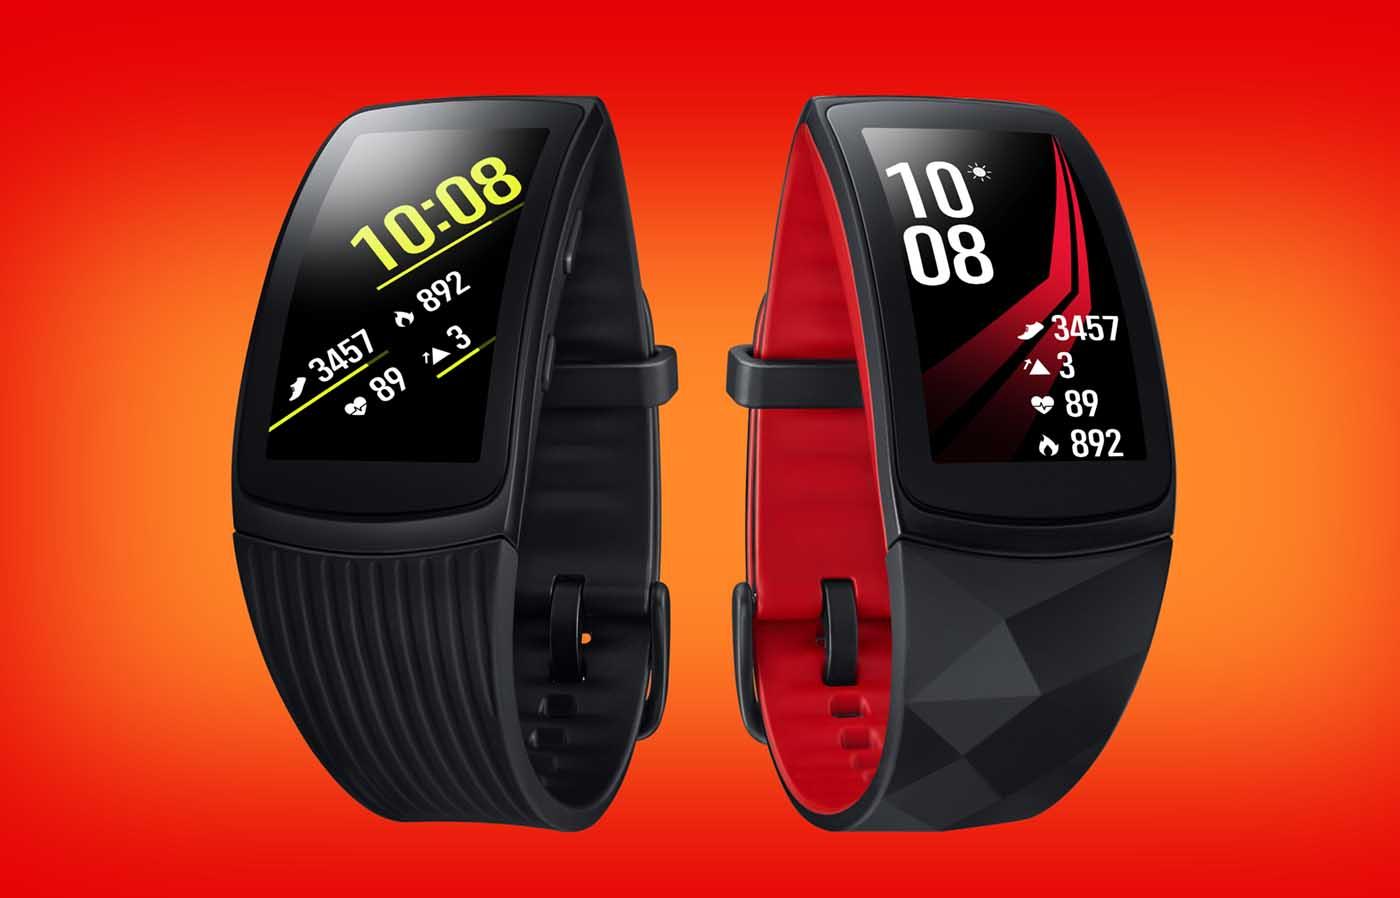 La nueva pulsera Gear Fit 2 Pro de Samsung llega a un precio de 229 euros